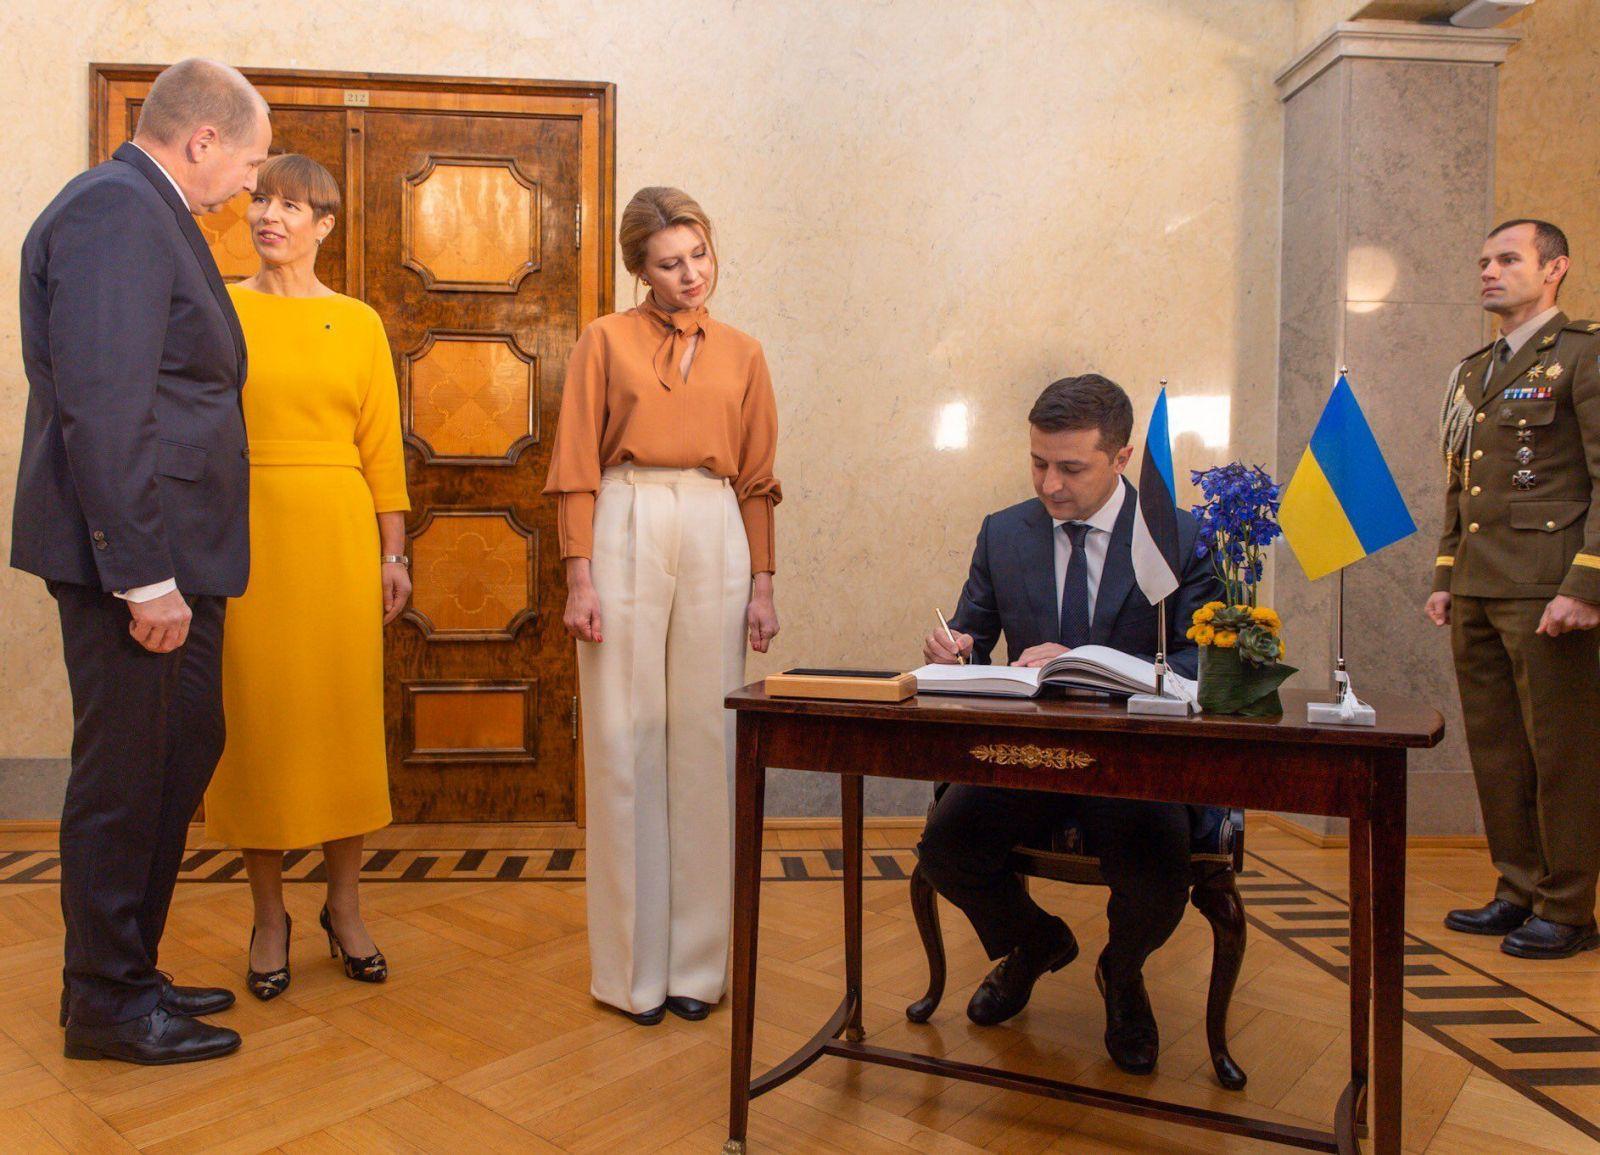 Елена Зеленская, первая леди Украины, Владимир Зеленский, супруга президента Украины, фото